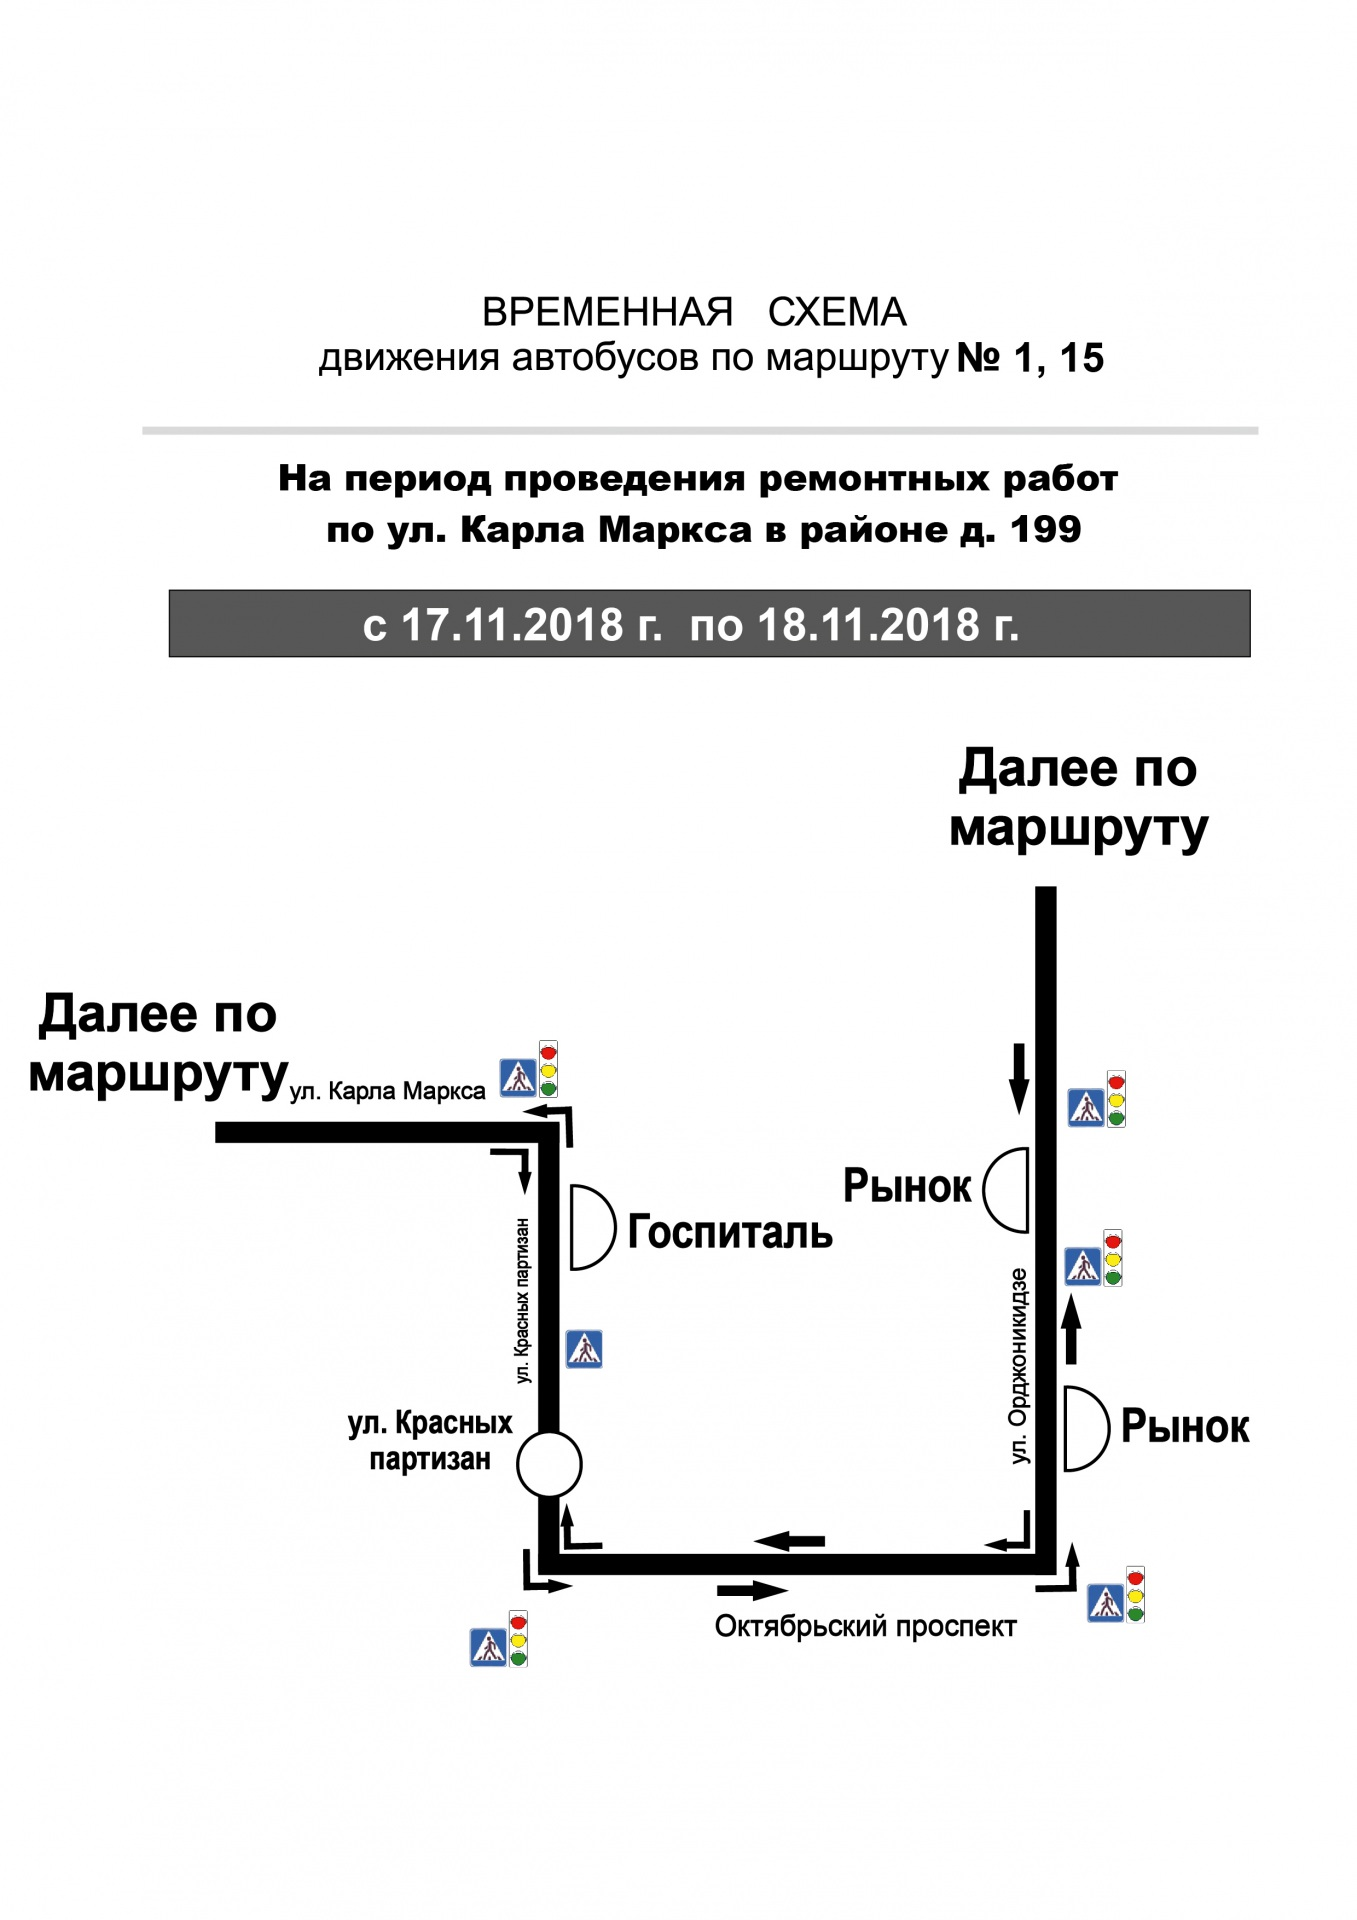 115-01.jpg